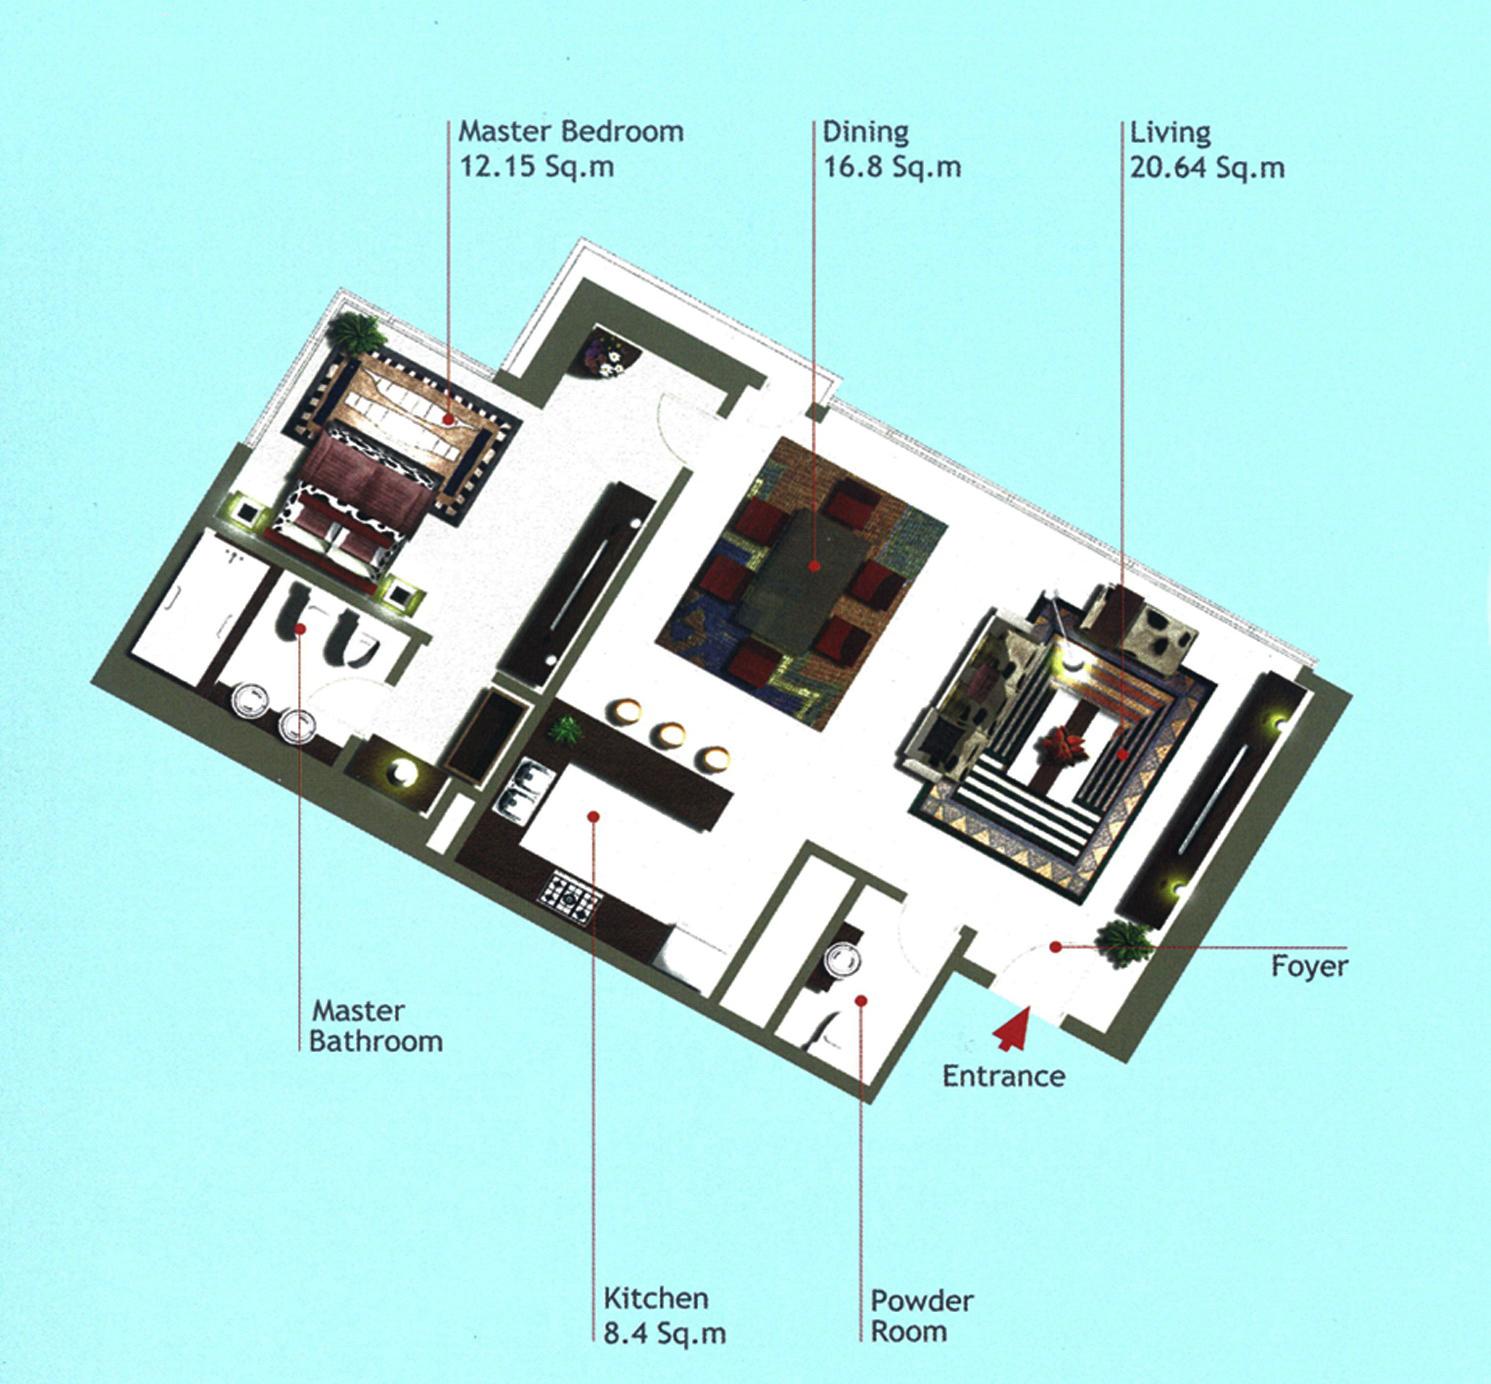 Rak Tower Floor Plan 1 Bedroom Flat Type A